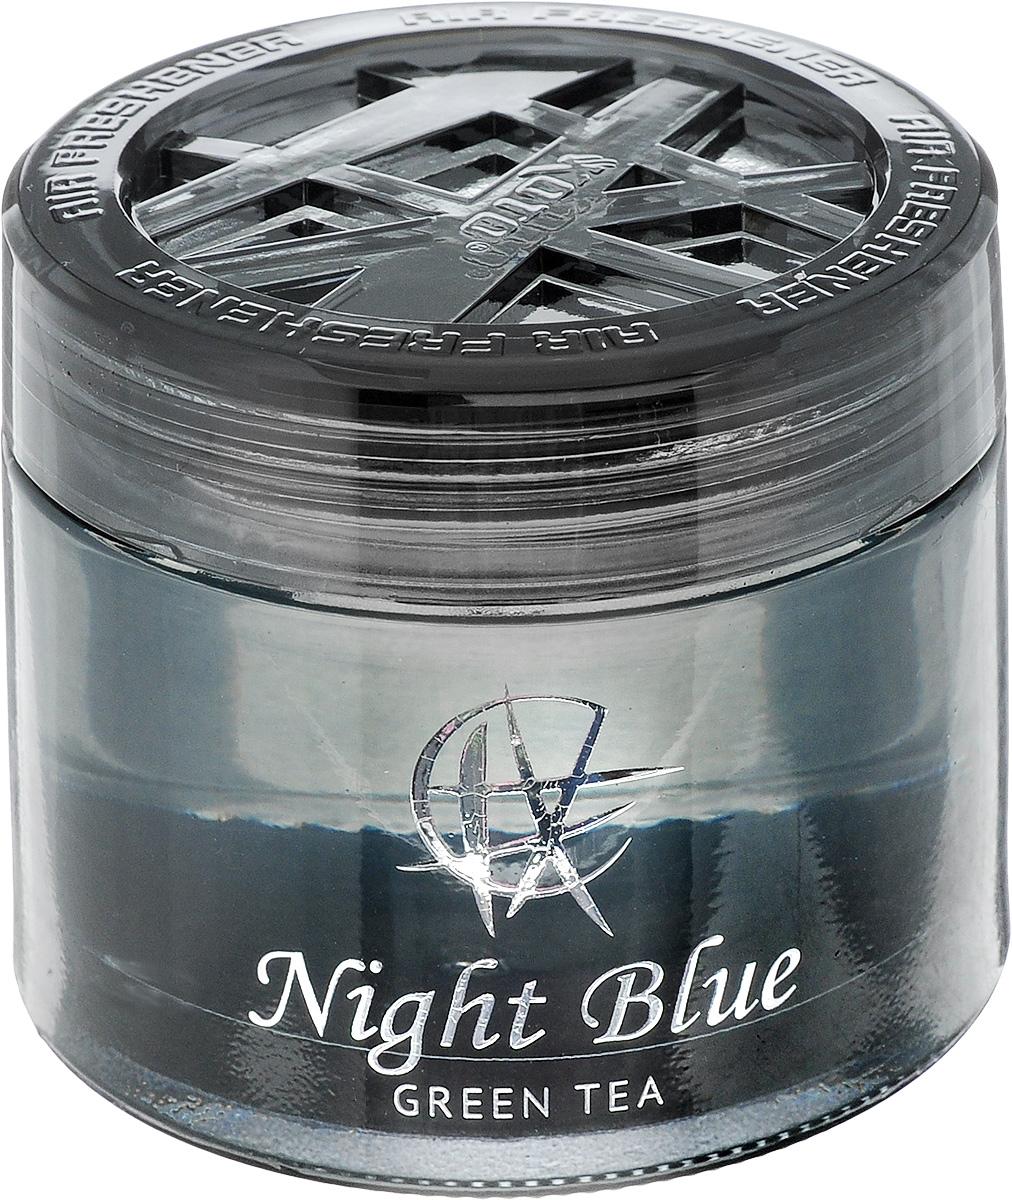 Ароматизатор автомобильный Koto Night Blue. Green tea, гелевый, 65 млFPG-114Автомобильный ароматизатор Koto Night Blue. Green tea эффективно устраняет неприятные запахи и придает приятный аромат зеленого чая. Сочетание геля с парфюмами наилучшего качества обеспечивает устойчивый запах. Кроме того, ароматизатор обладает элегантным дизайном. Изделие можно разместить на горизонтальной поверхности, используя двухстороннюю наклейку.